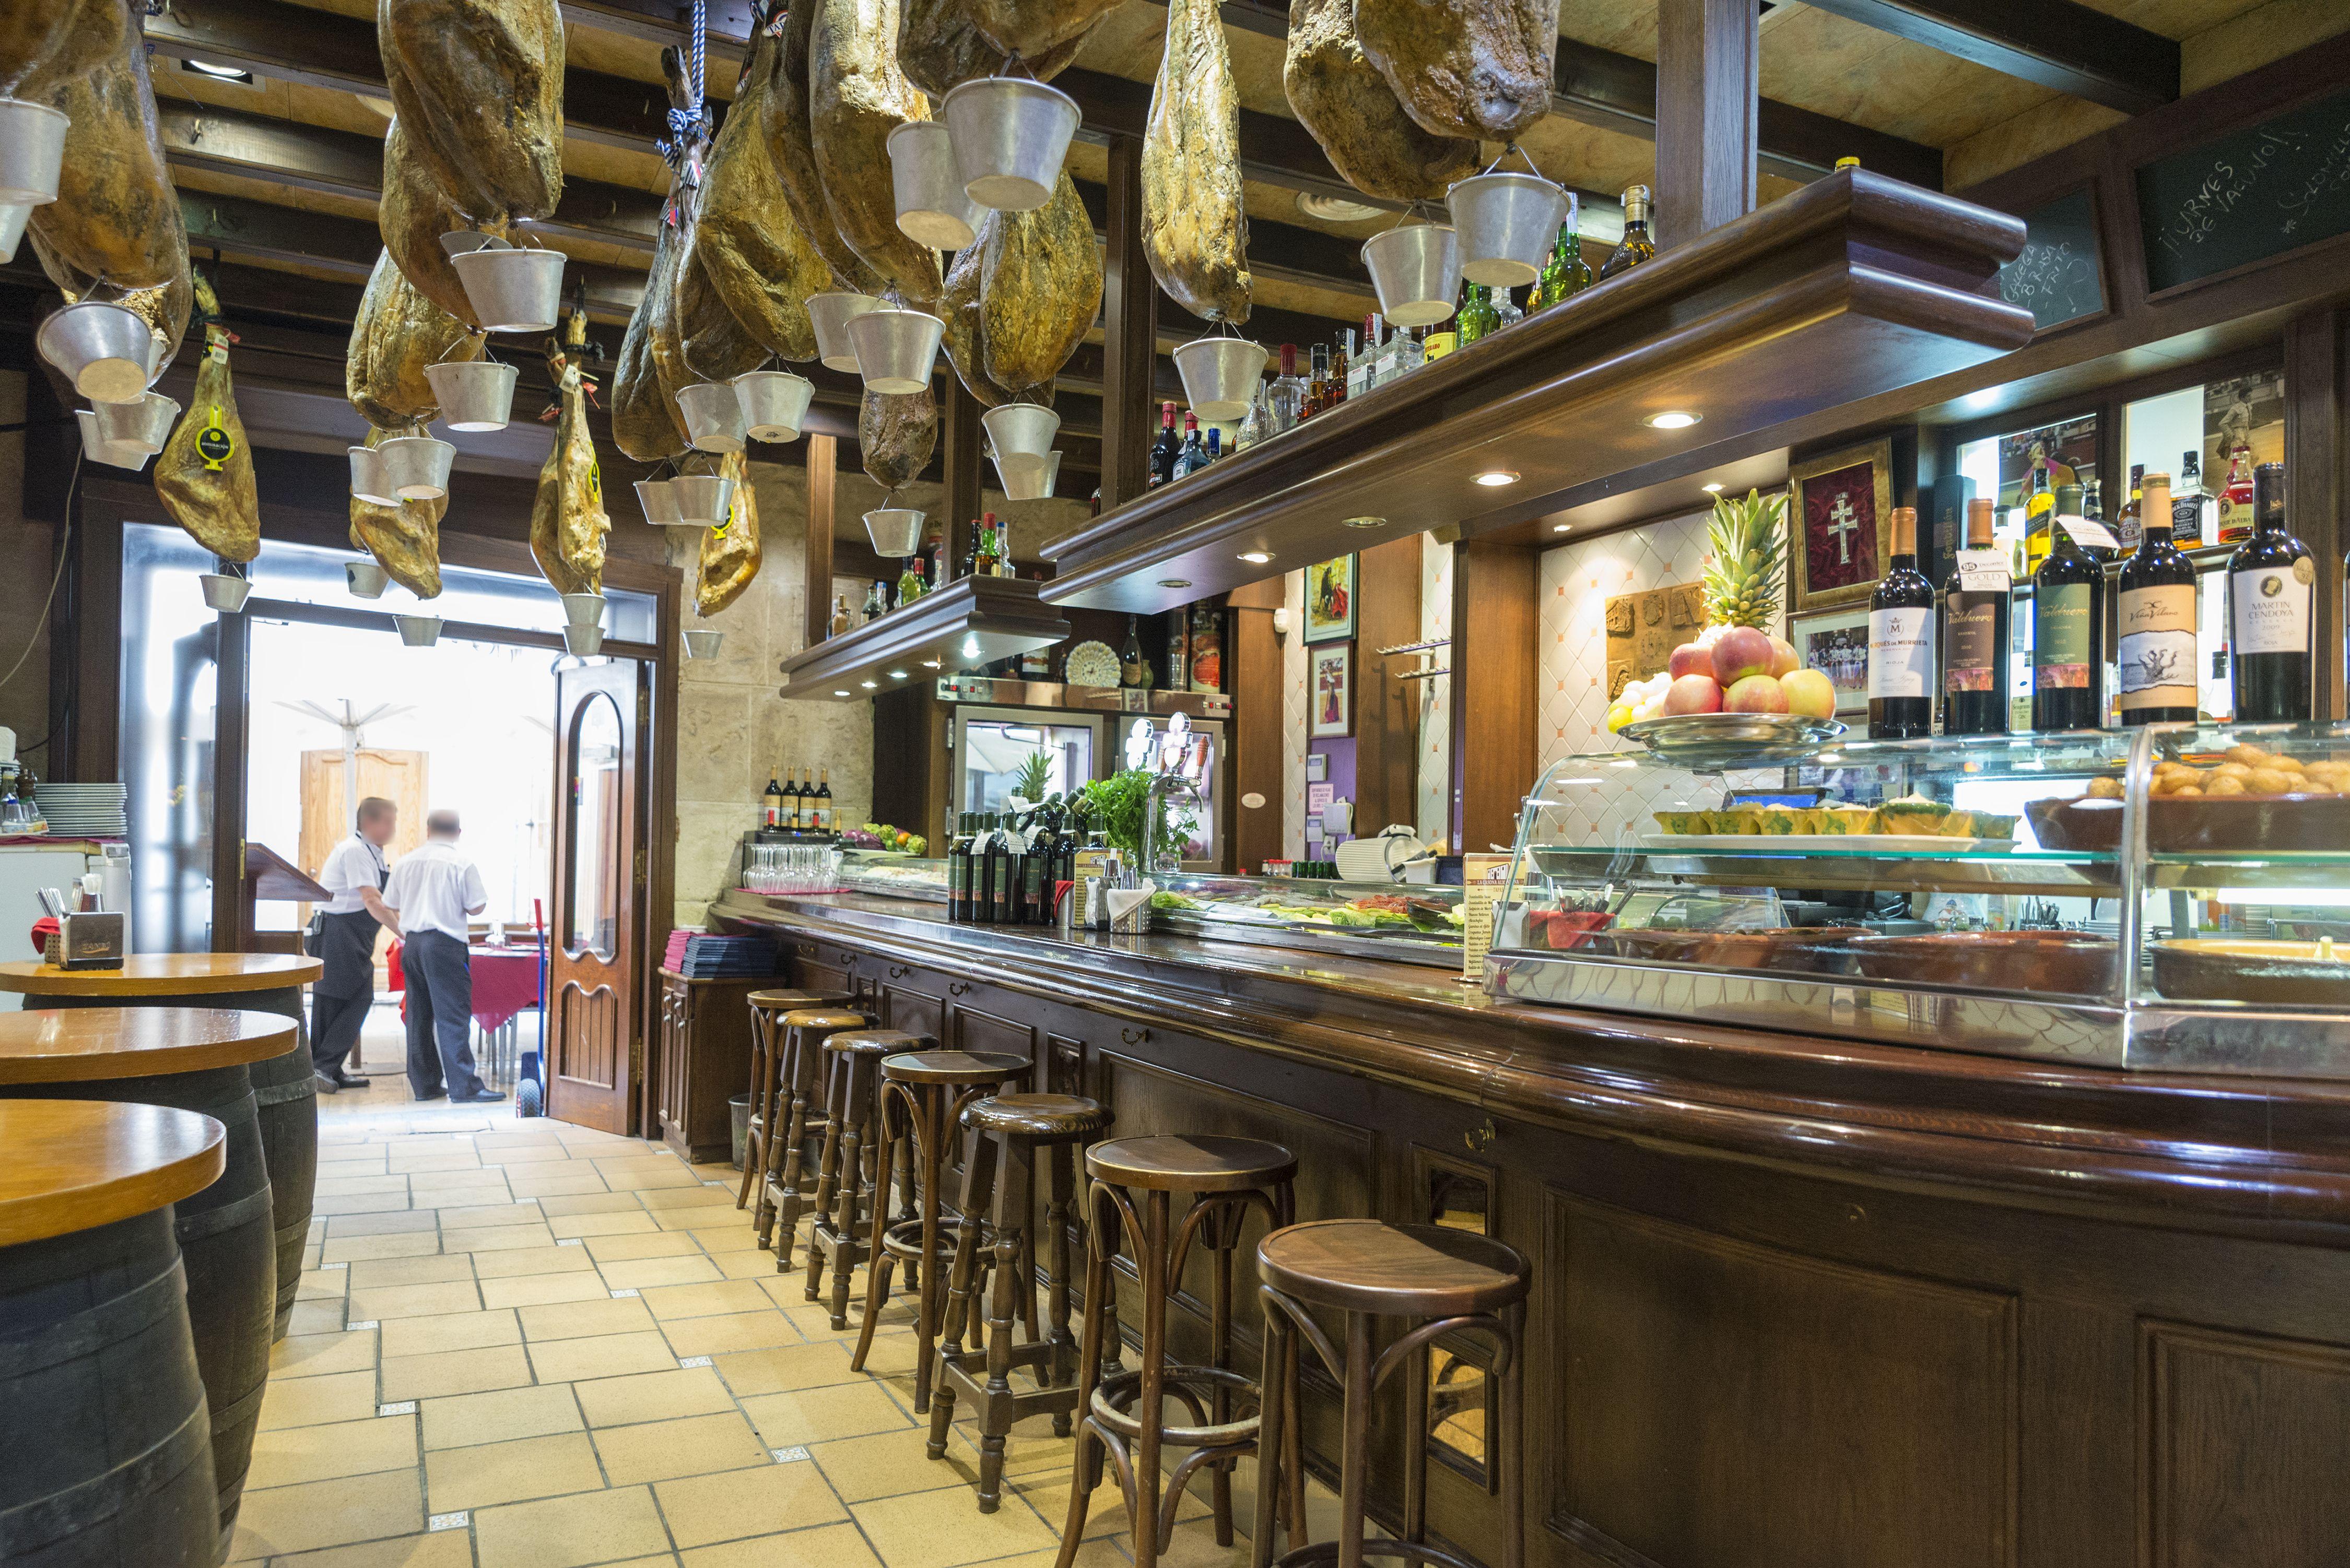 Foto 5 de Cocina mediterránea elaborada con ingredientes siempre frescos en Alicante | La Casona Alicantina